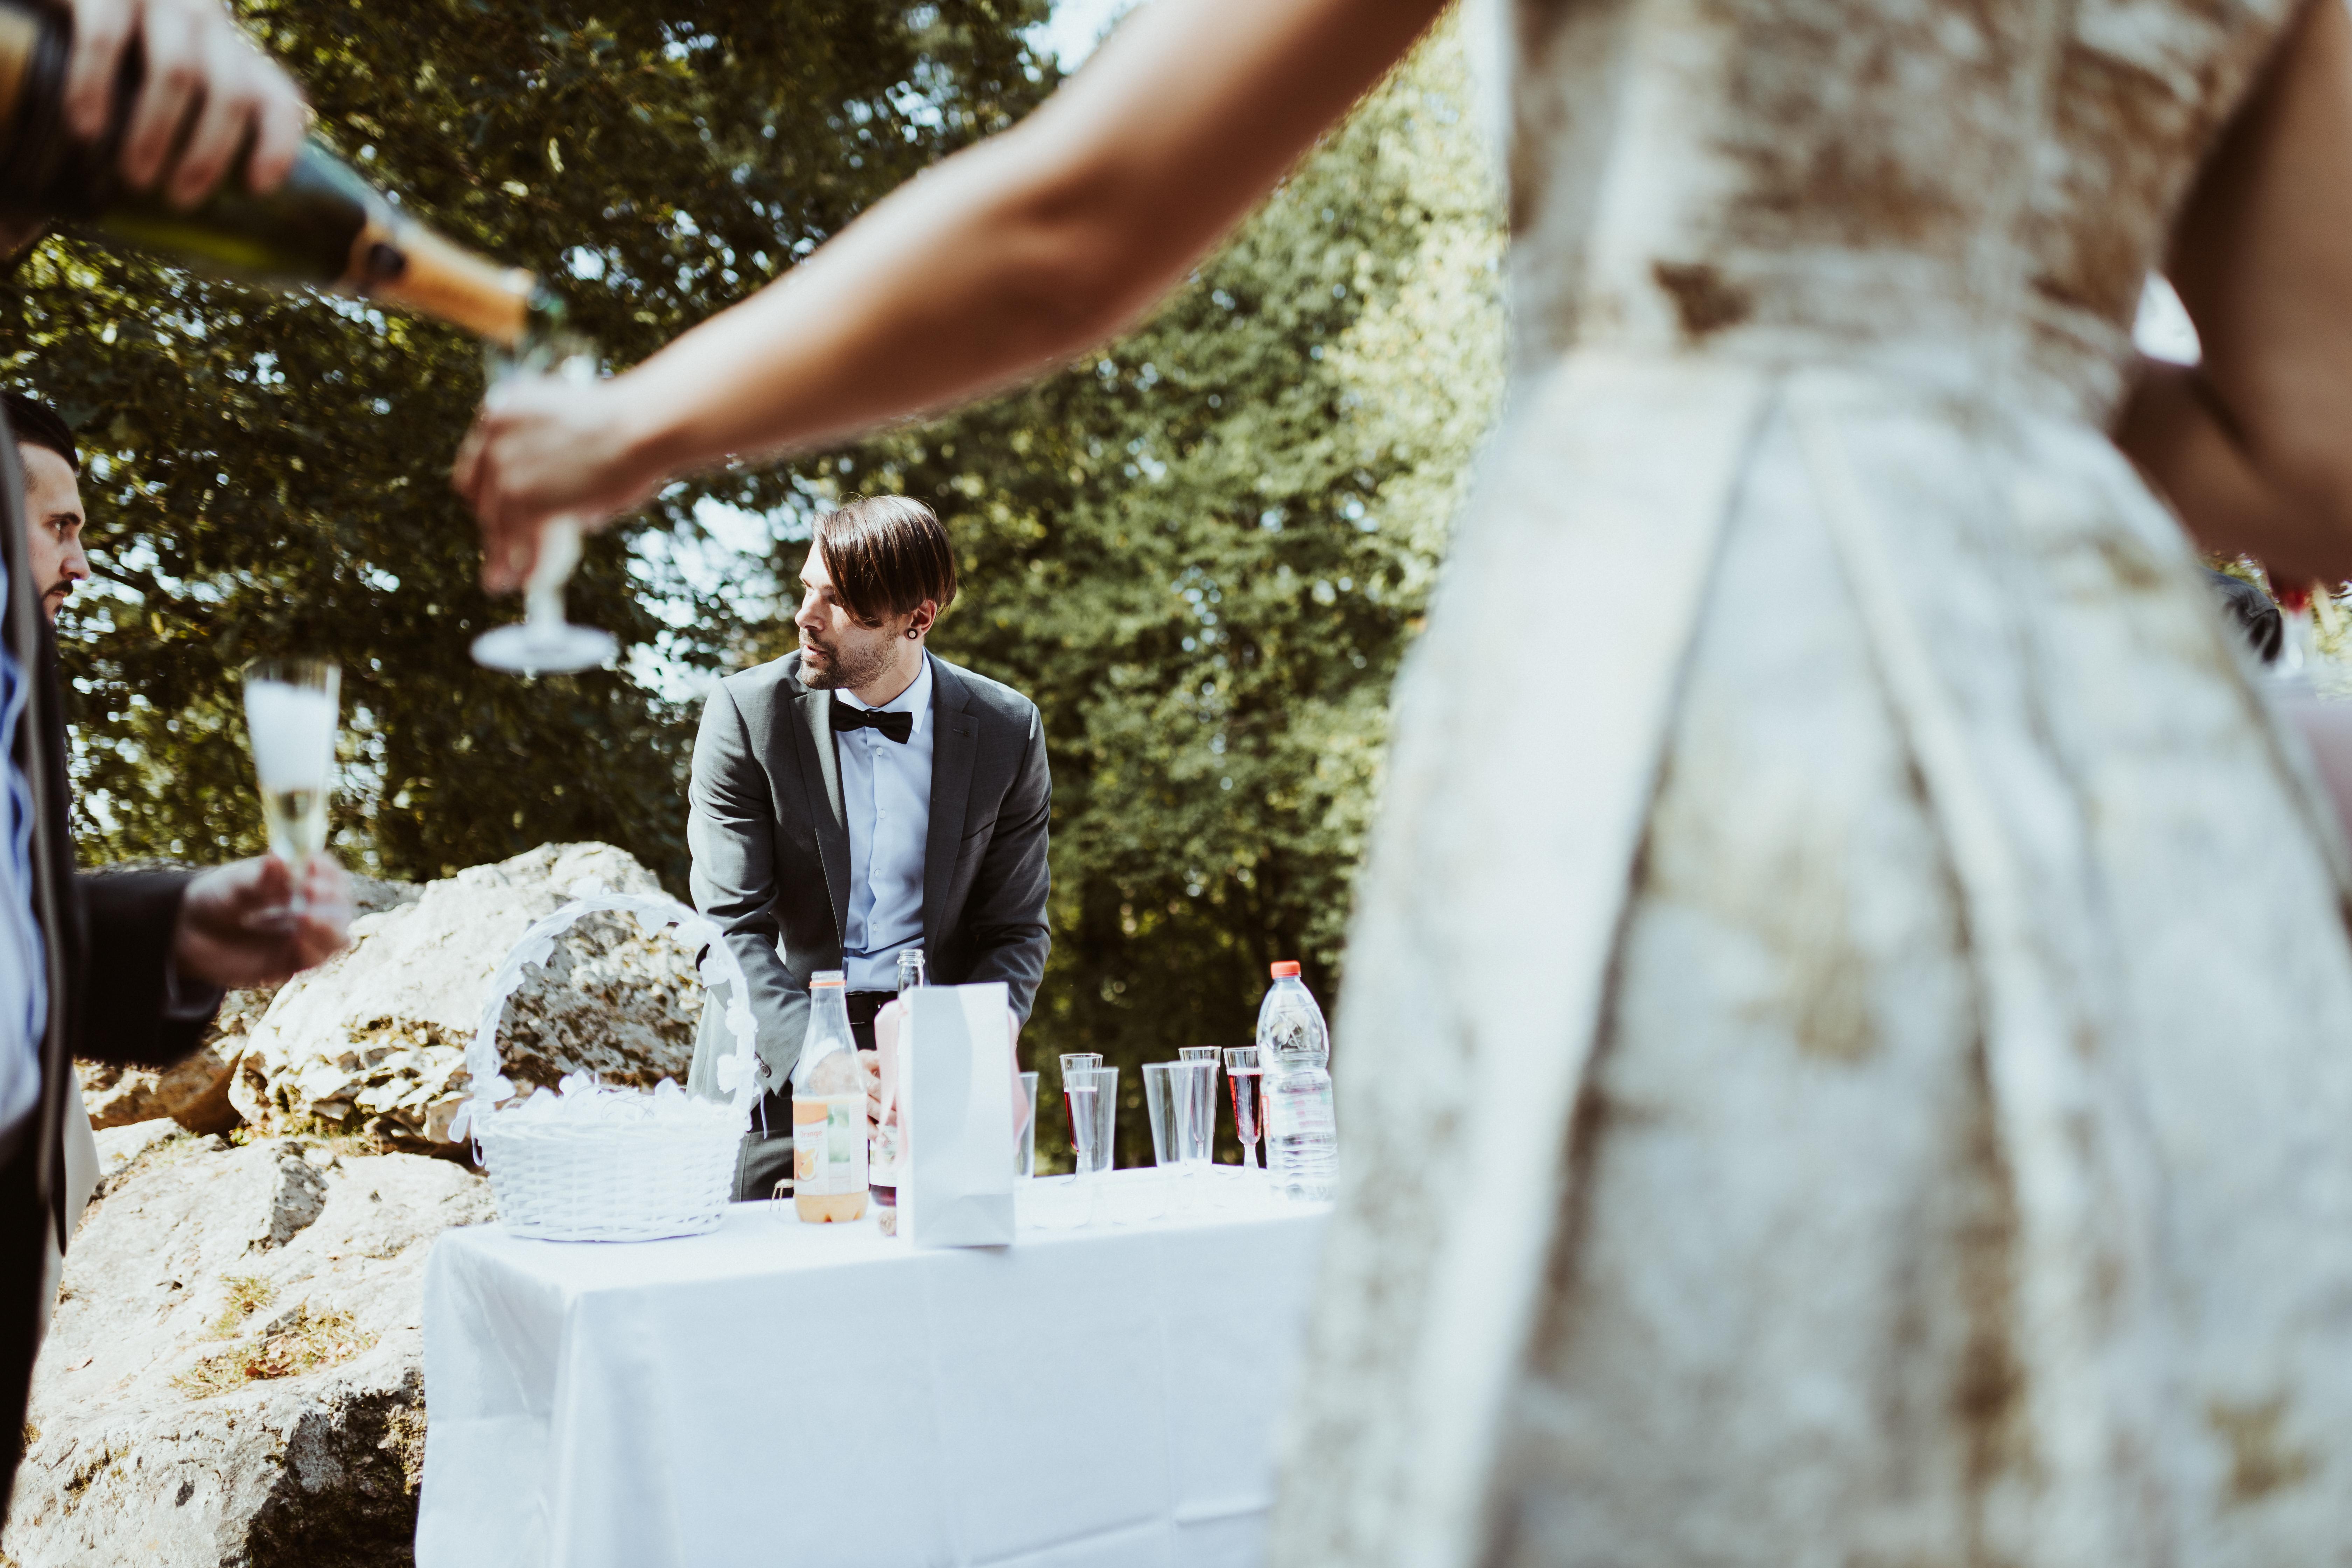 Hochzeitsfotograf Saarland - Fotograf Kai Kreutzer 612 Saarbrücken, Saarlouis, Merzig, St. Wendel